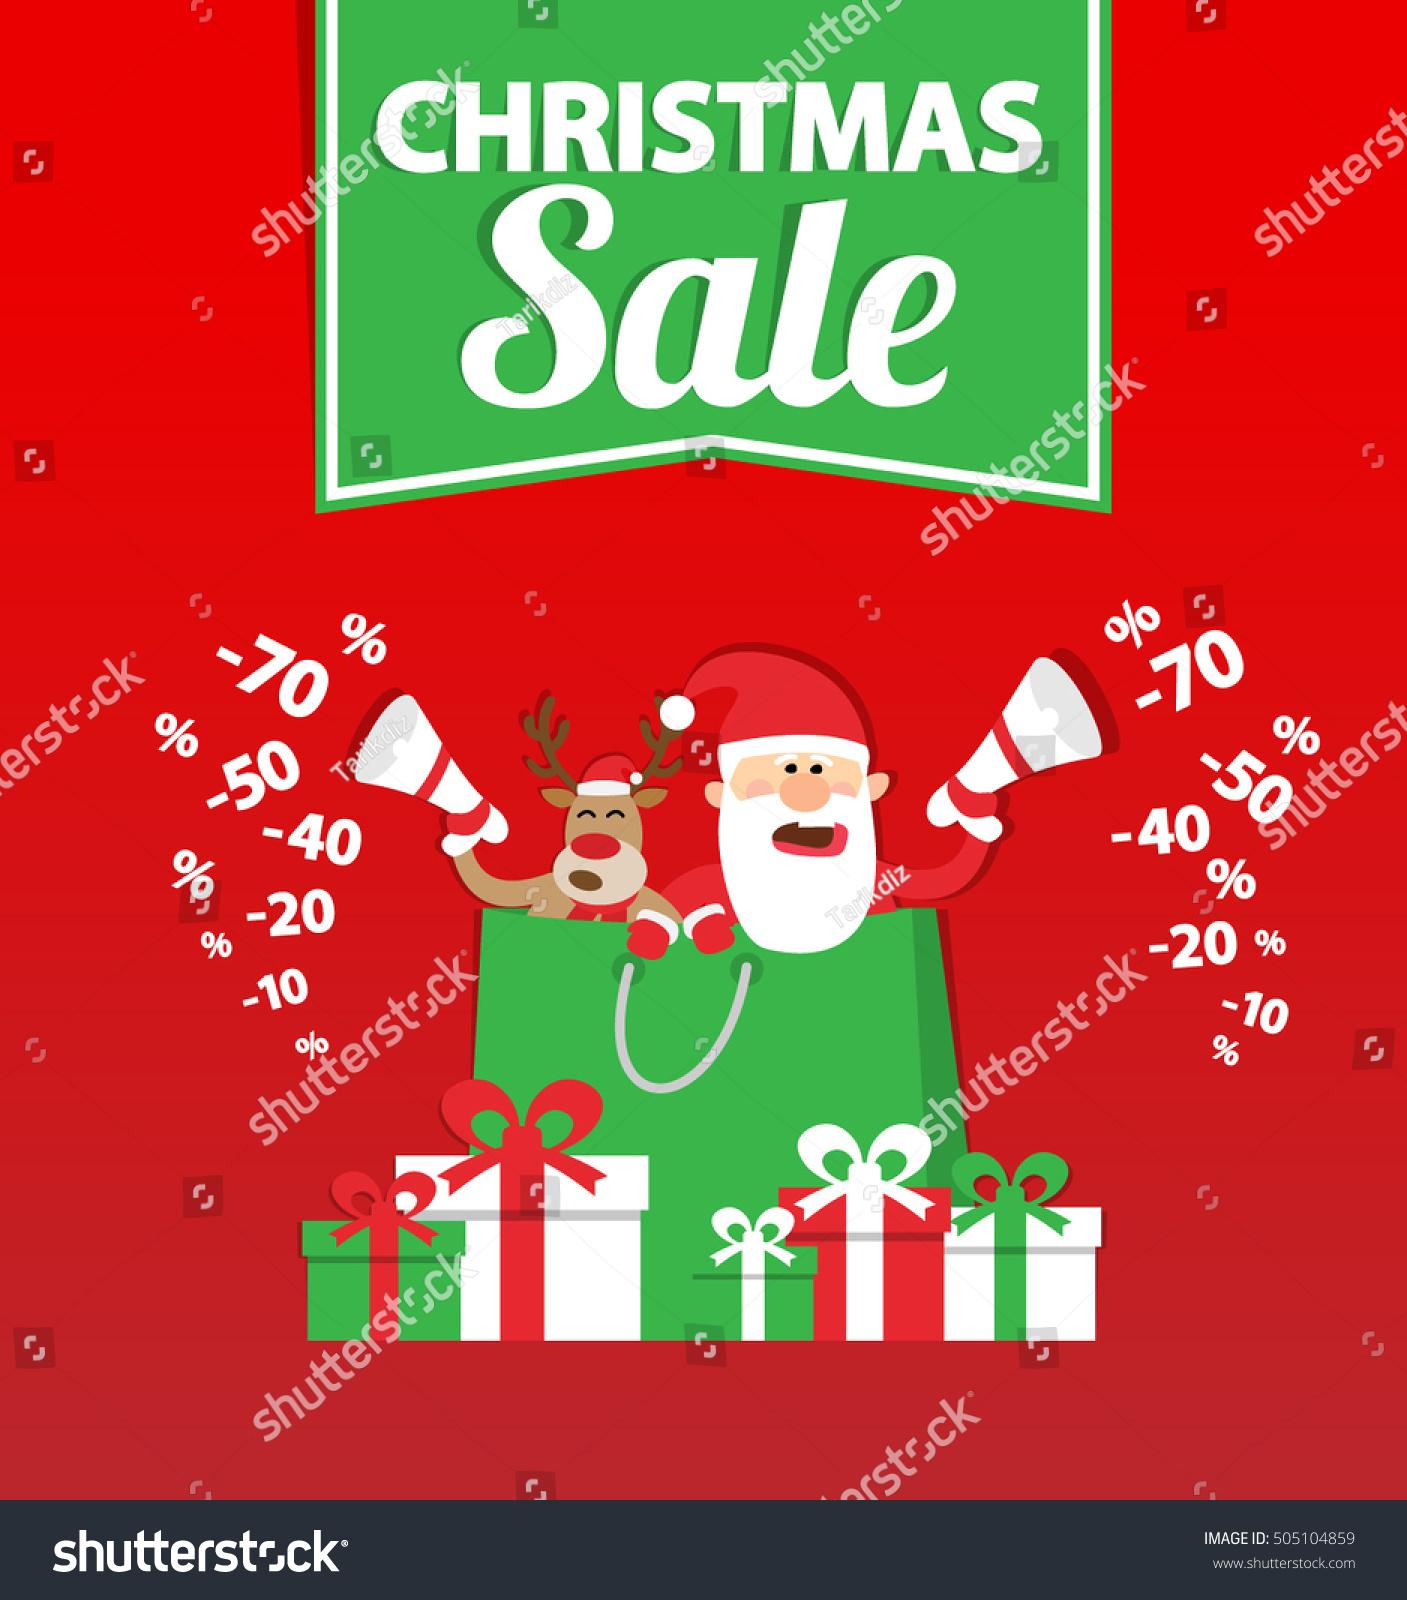 Christmas Sale Banner Design Santa Claus Stock Photo (Photo, Vector ...